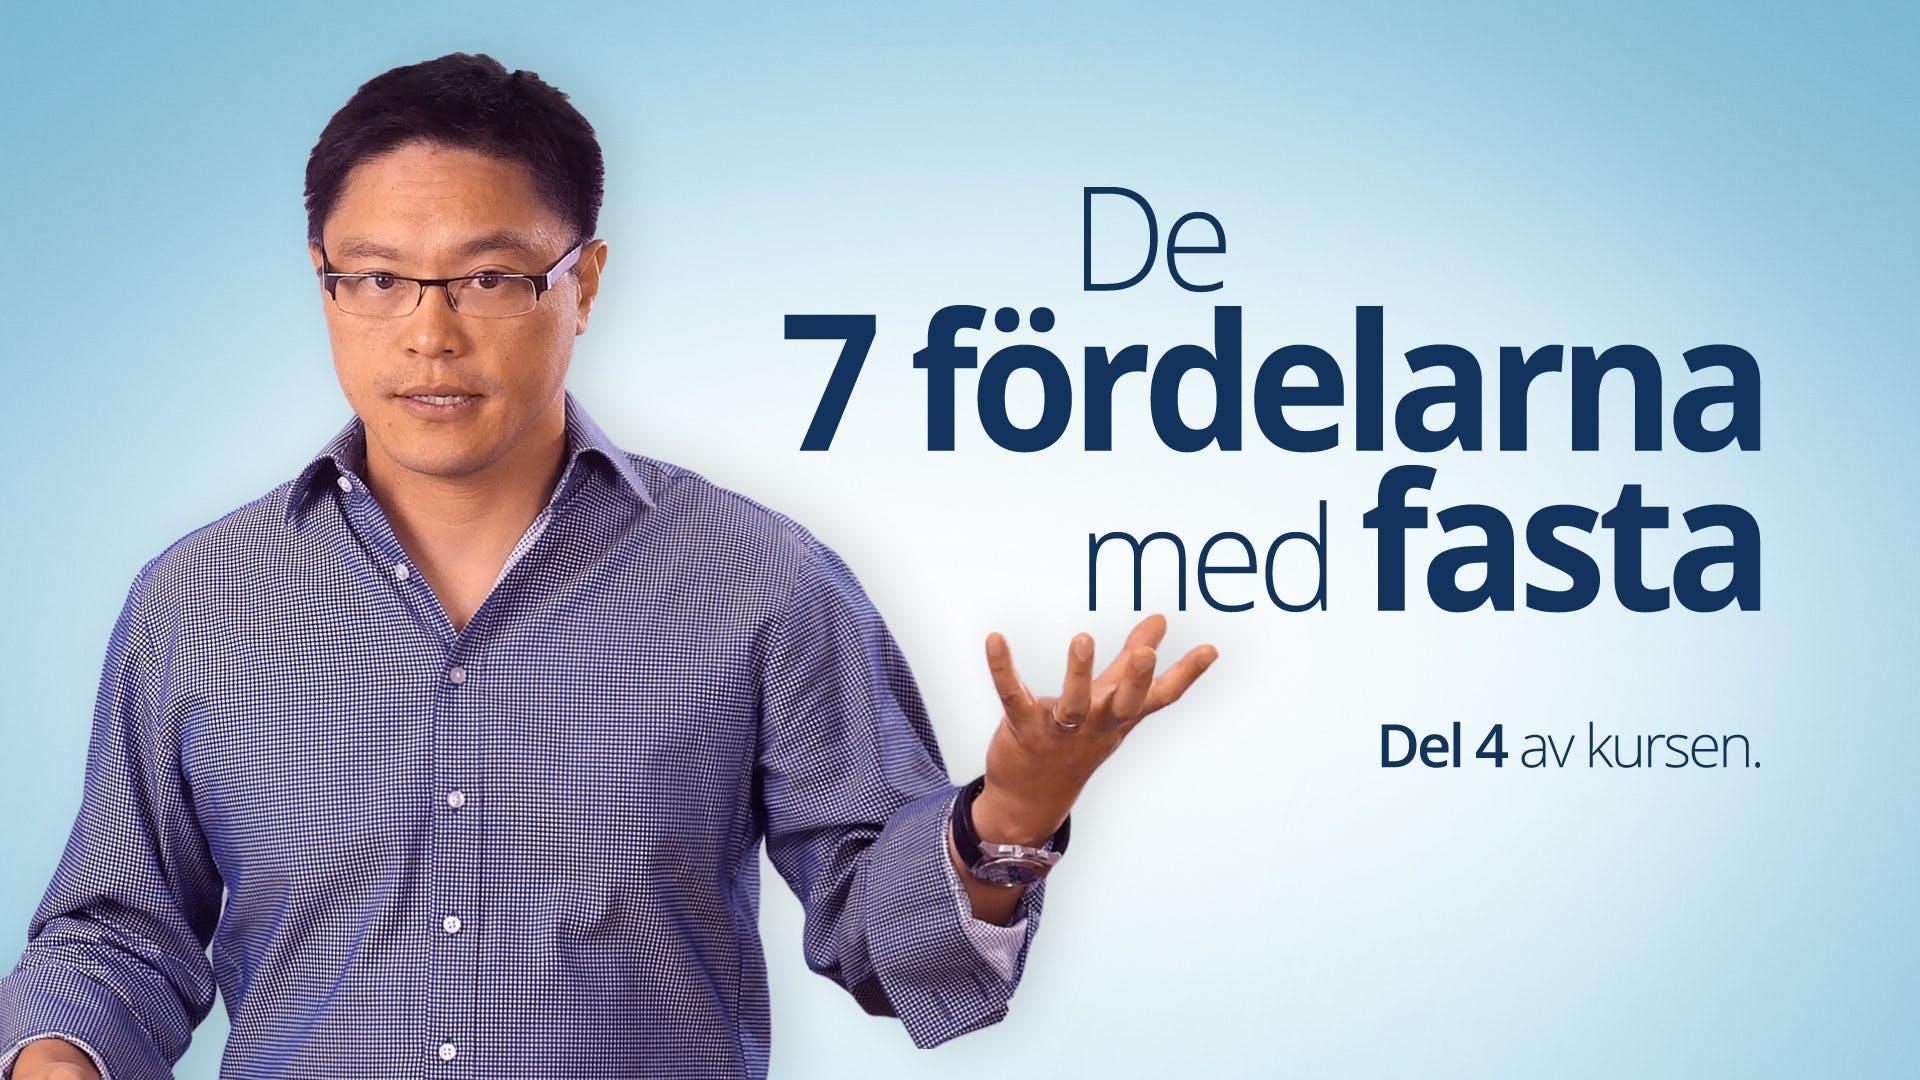 De 7 fördelarna med fasta – Dr Jason Fung